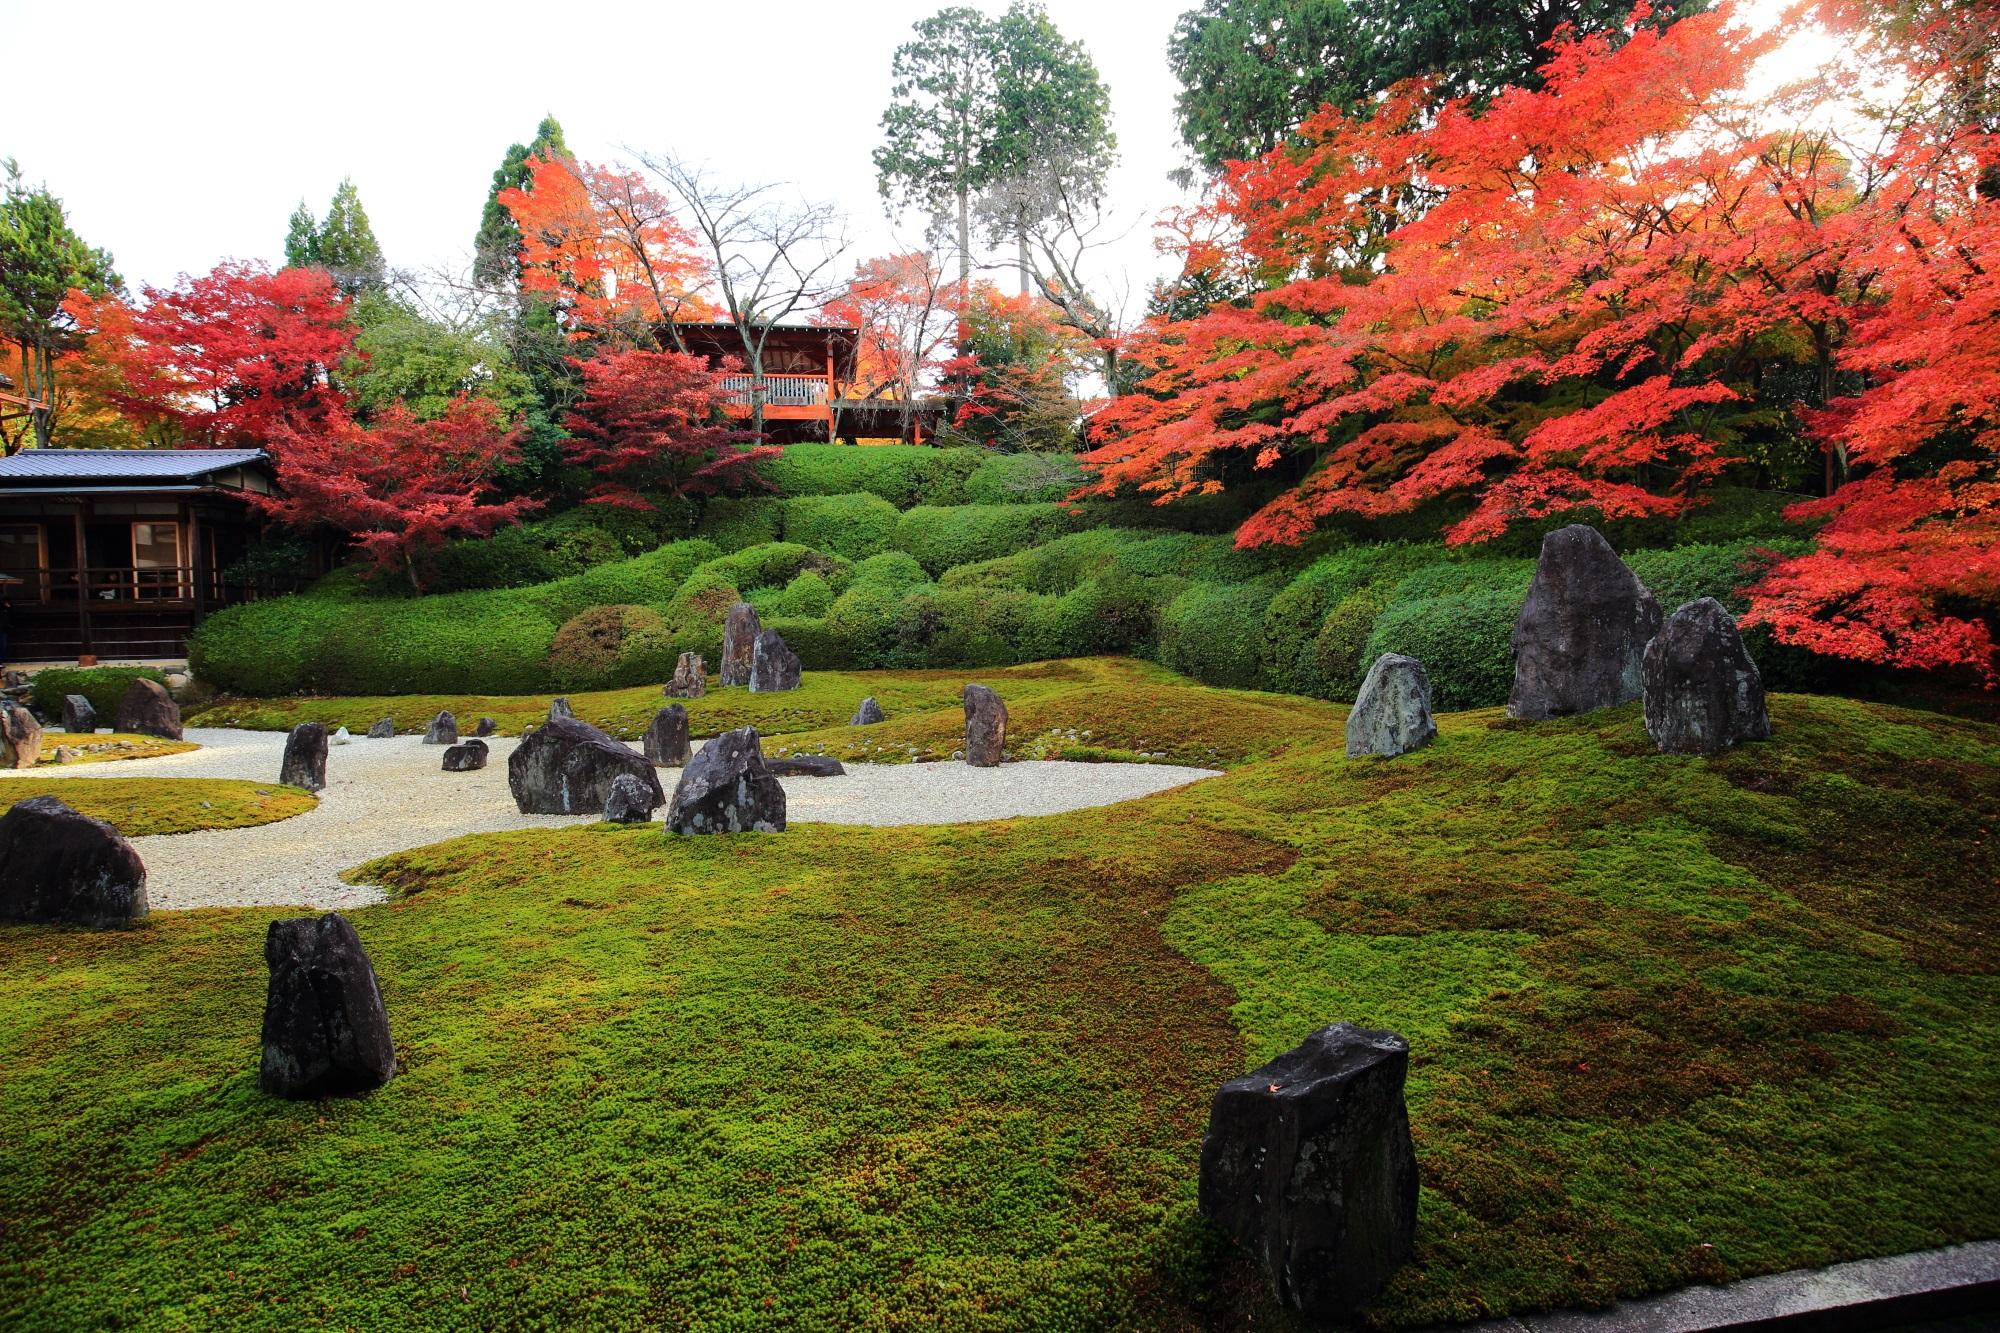 光明院の波心庭(波心の庭)の紅葉